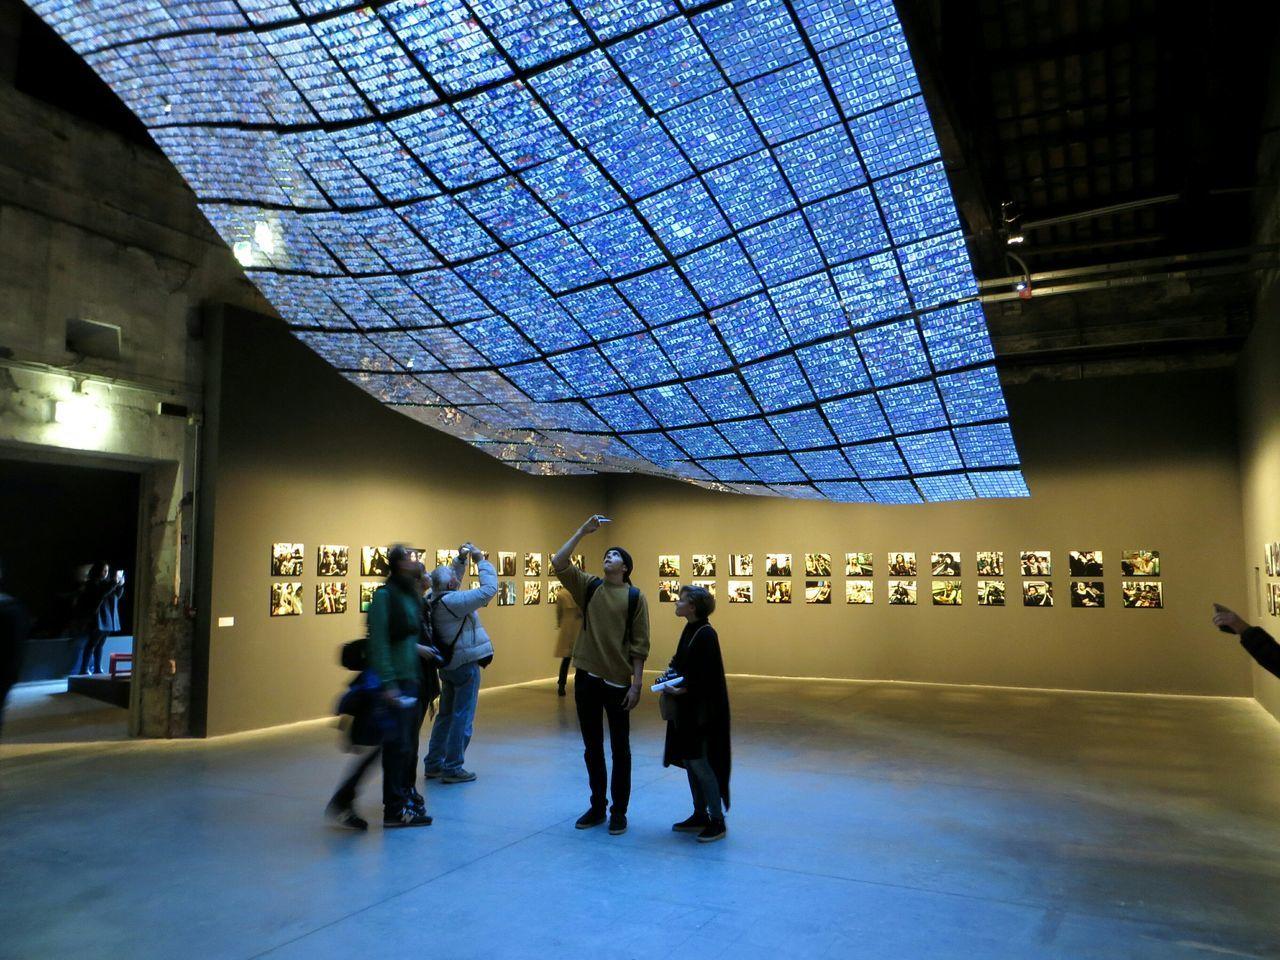 Passengers, Biennale di Venezia Venicebiennale2015 La Biennale Di Venezia Biennalearte2015 Biennale2015 Arsenale Di Venezia Venezia Venice Venice, Italy Contemporary Art The Places I've Been Today